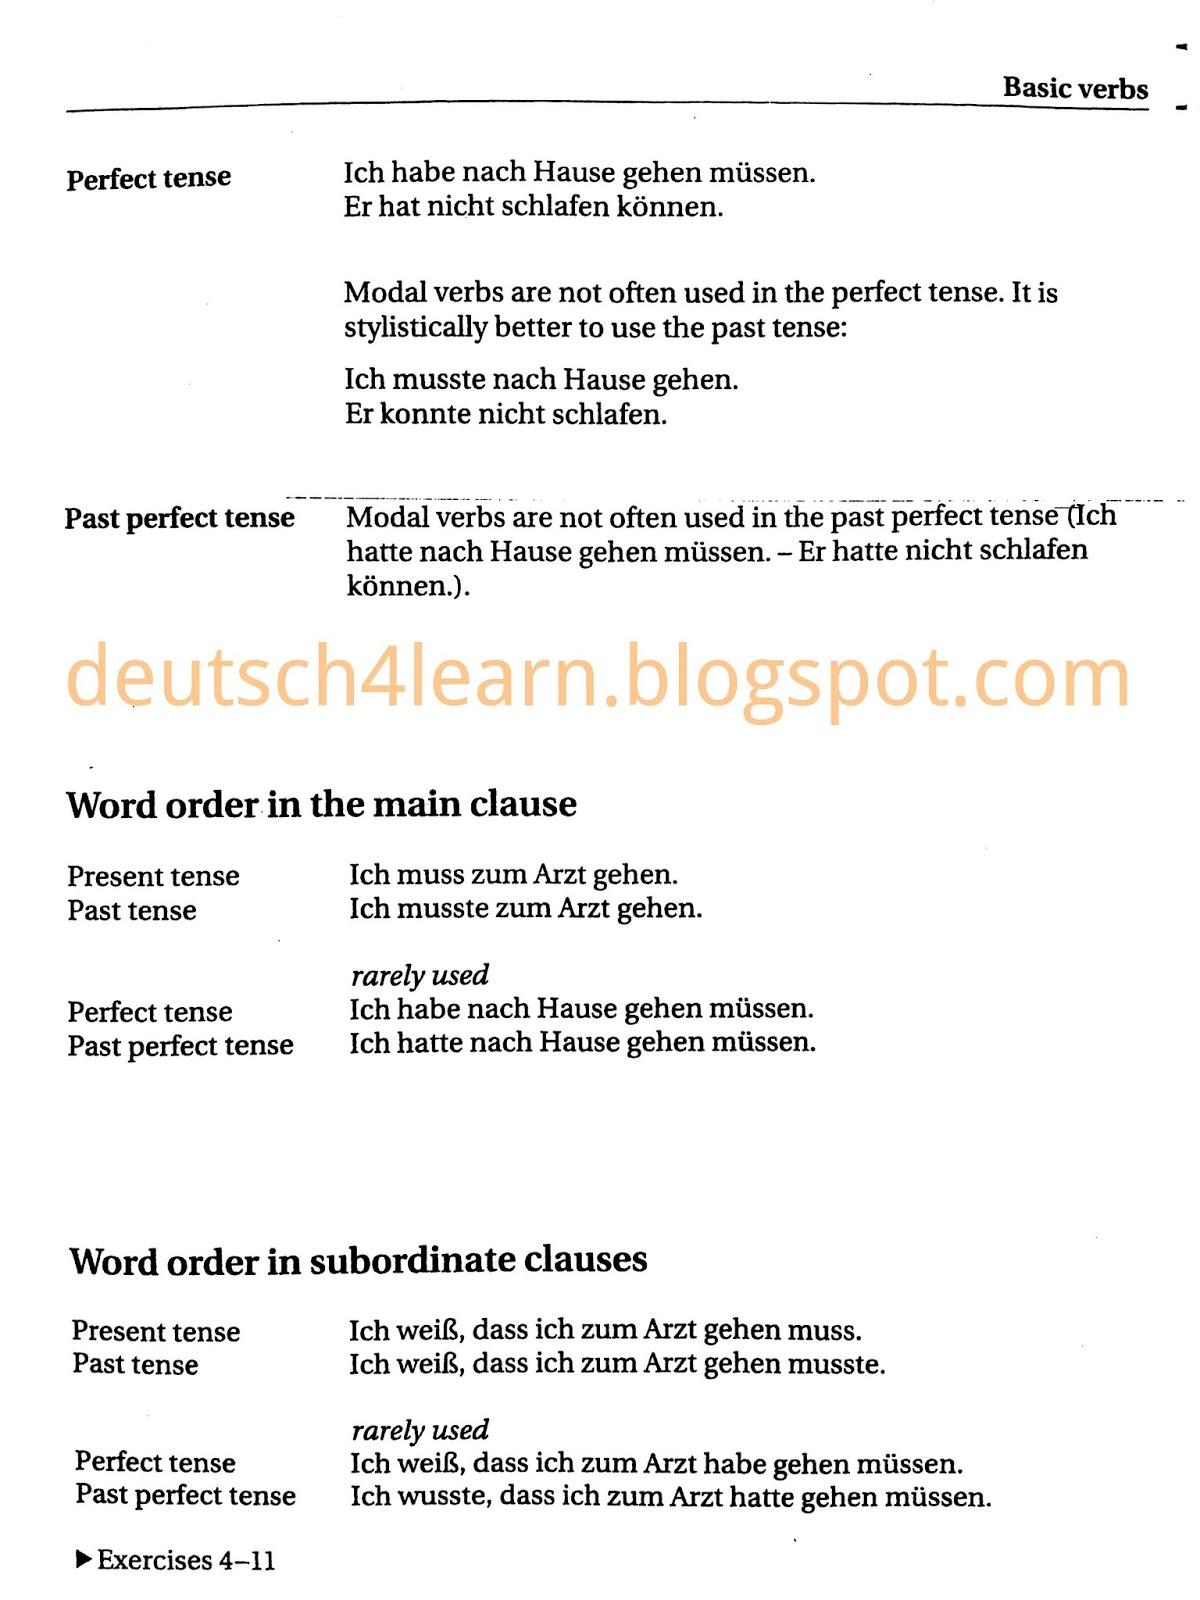 Können - Dürfen - Müssen - Sollen - Wollen - Mögen -Use of Modal Verbs in German Language